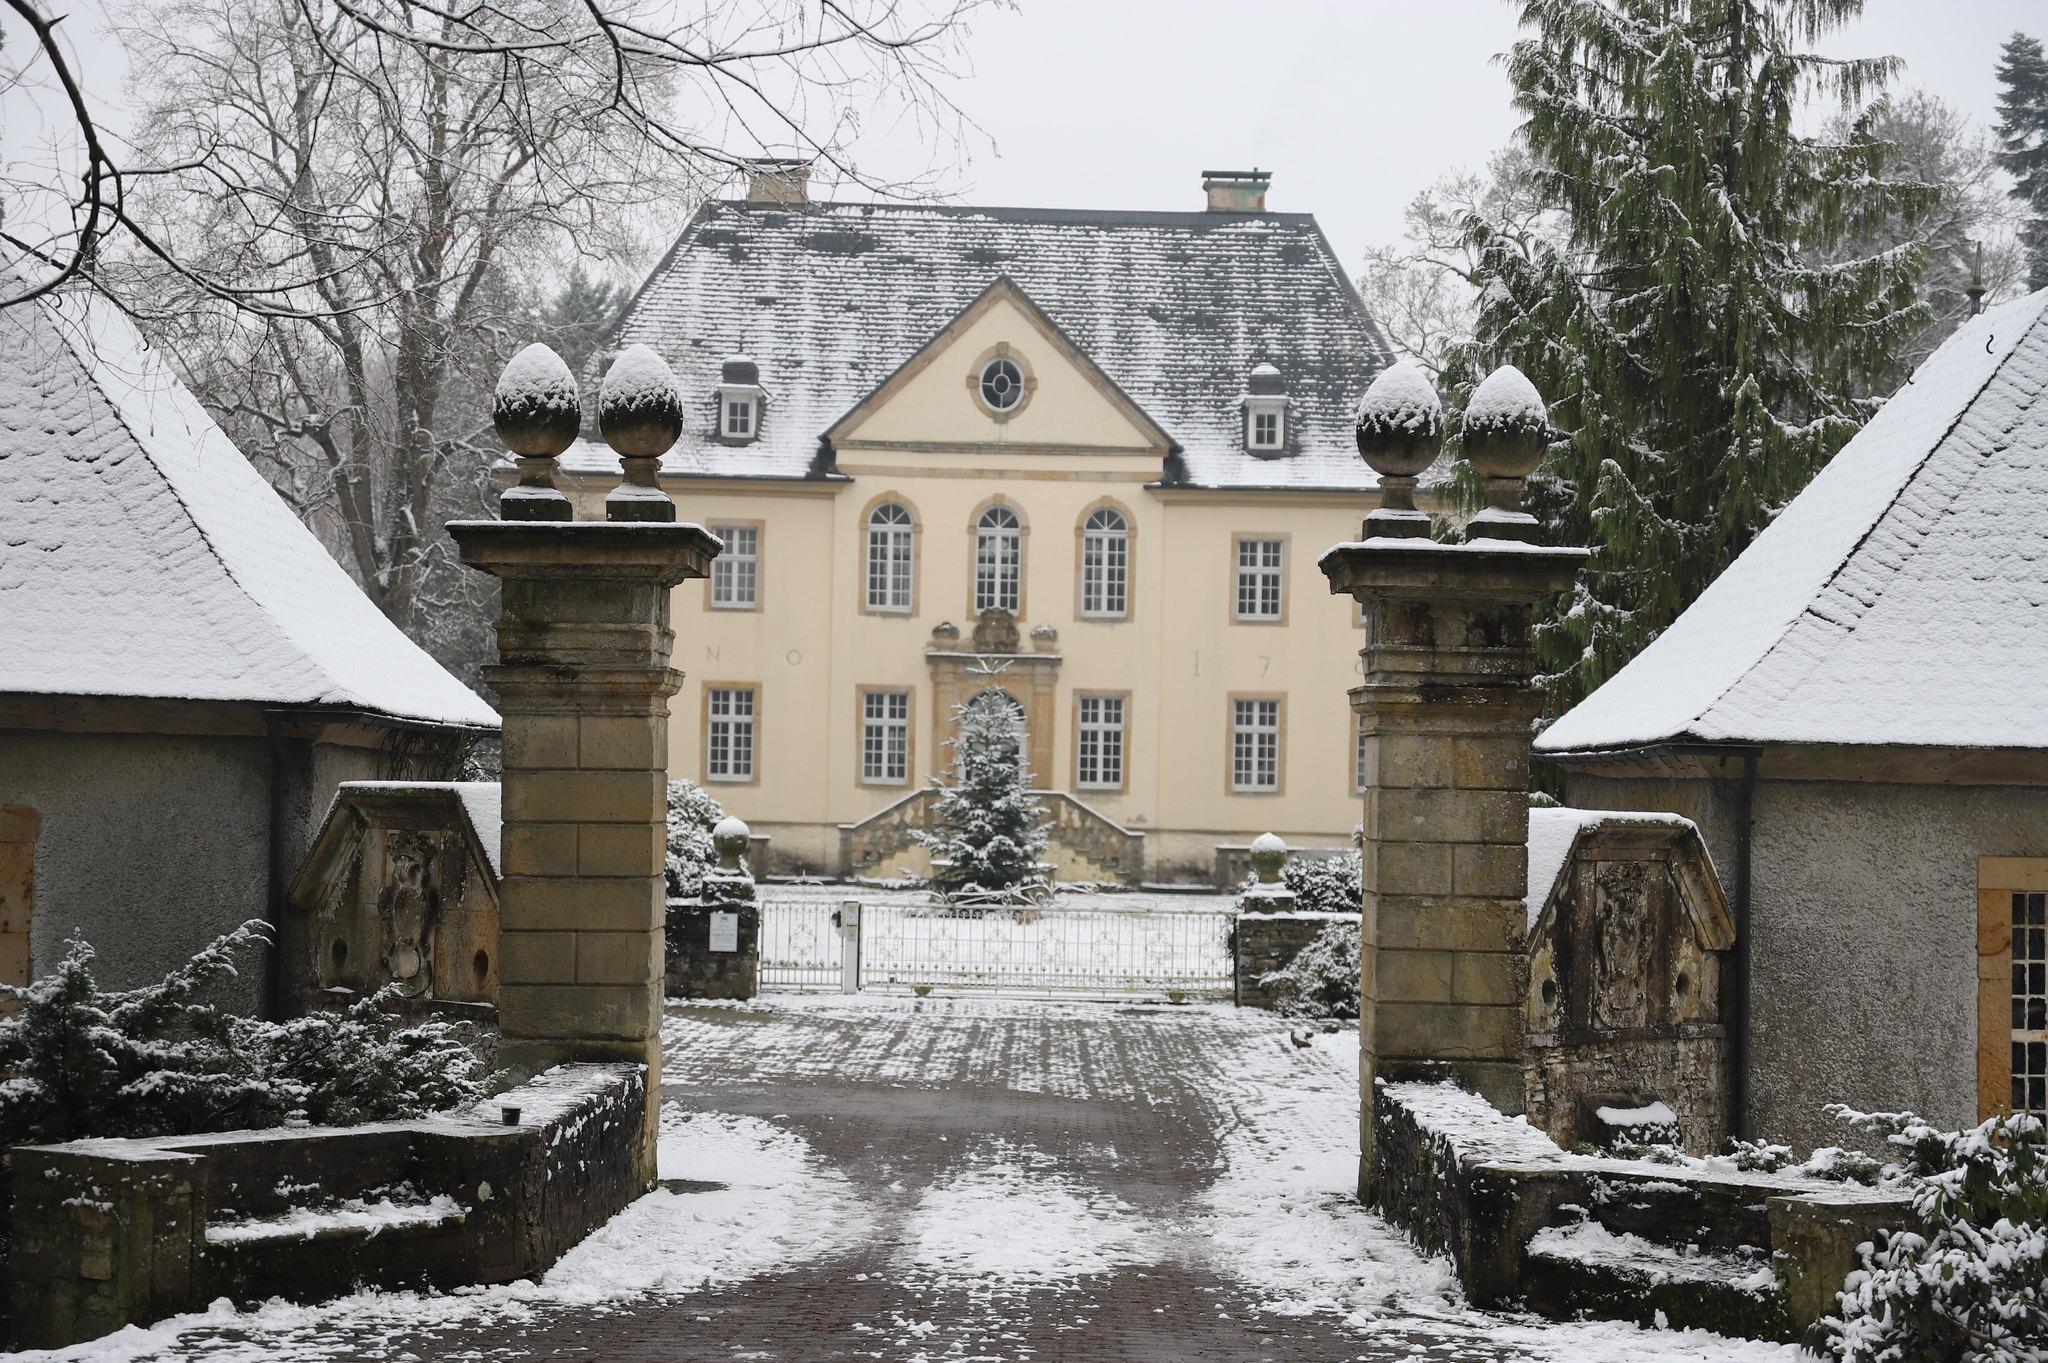 Winterlich_02-1_2021_001